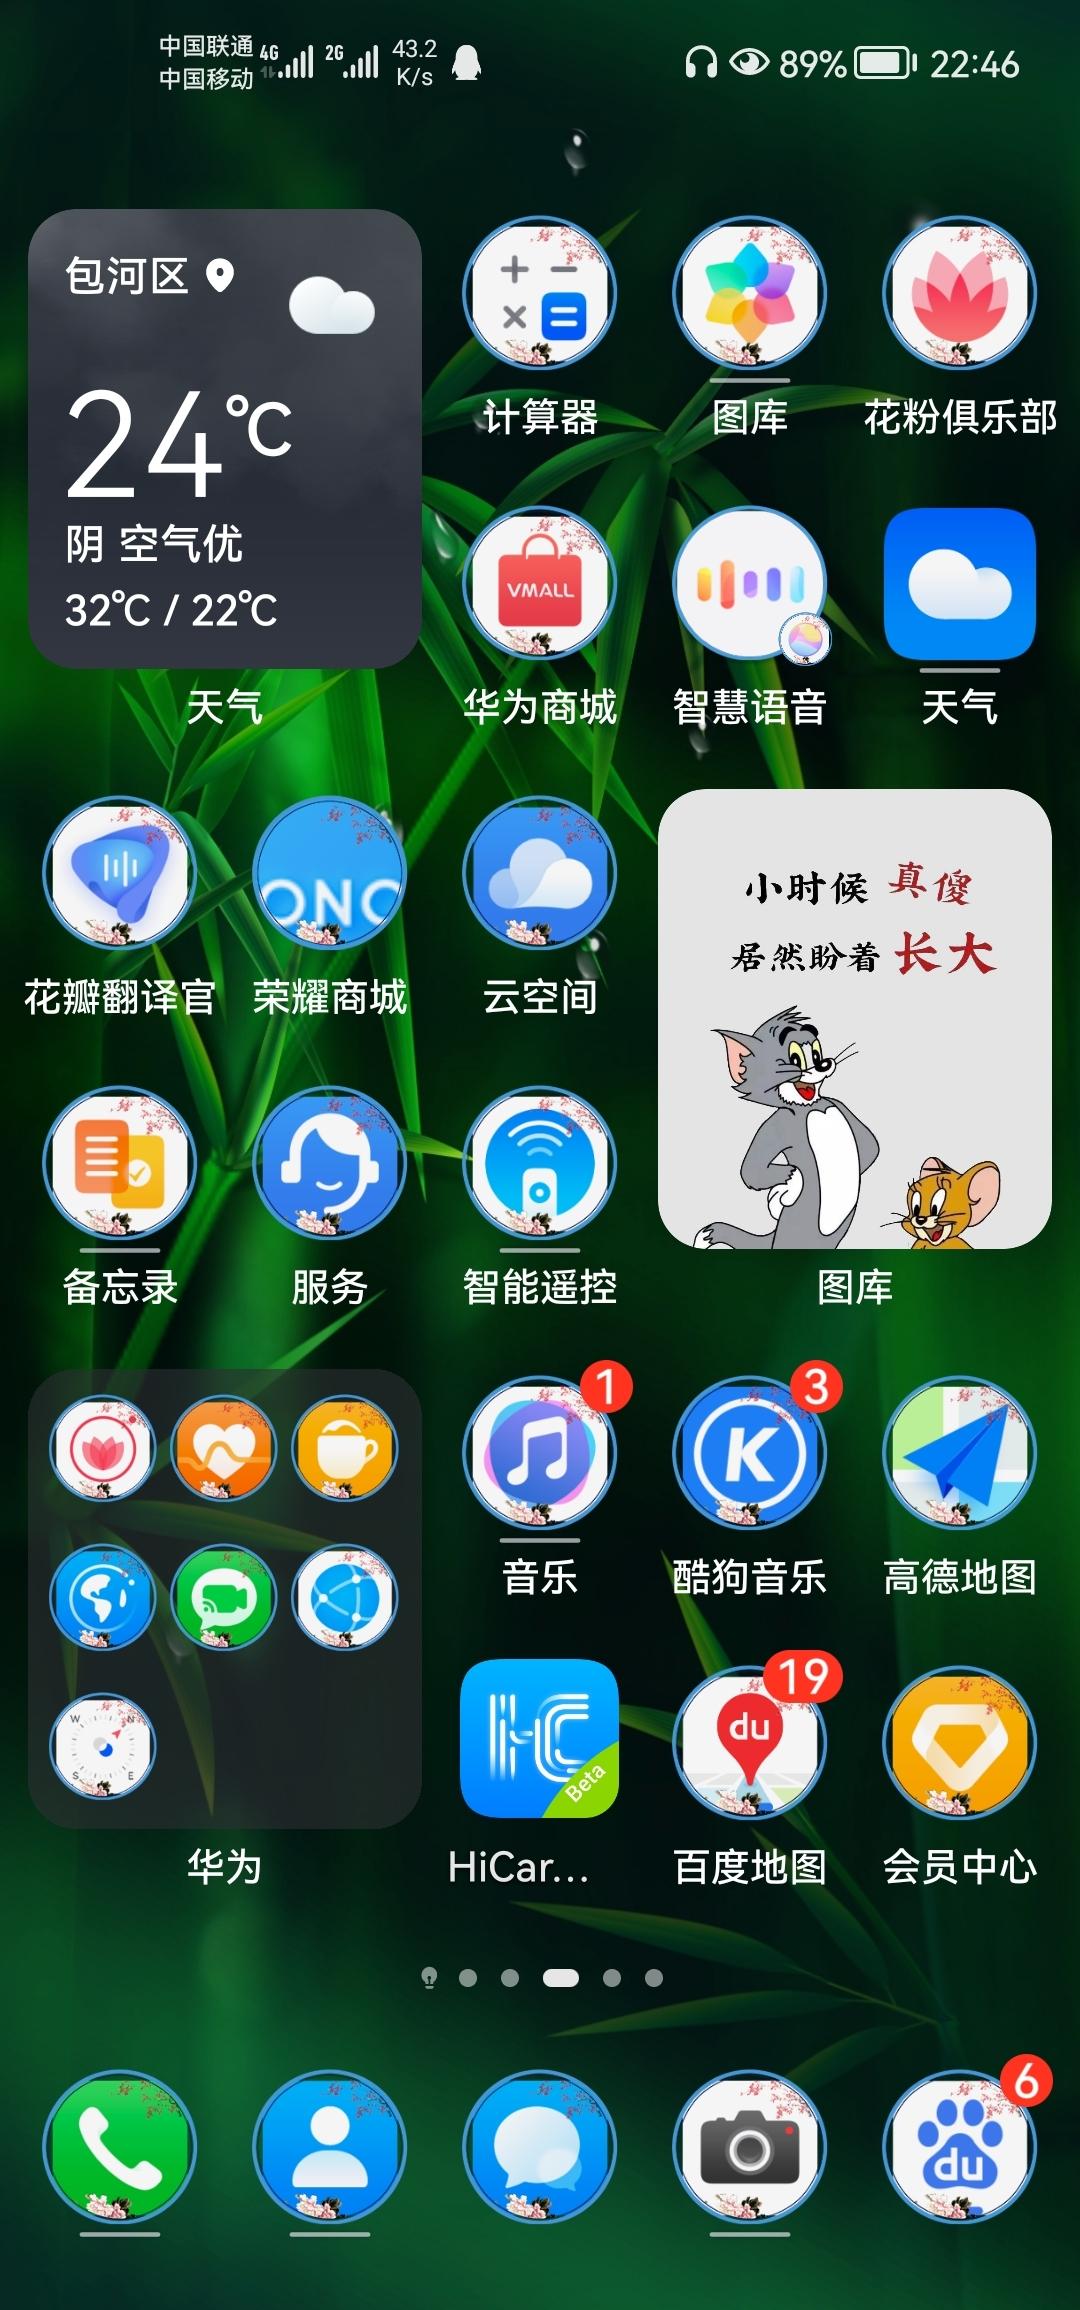 Screenshot_20210909_224622_com.huawei.android.launcher.jpg